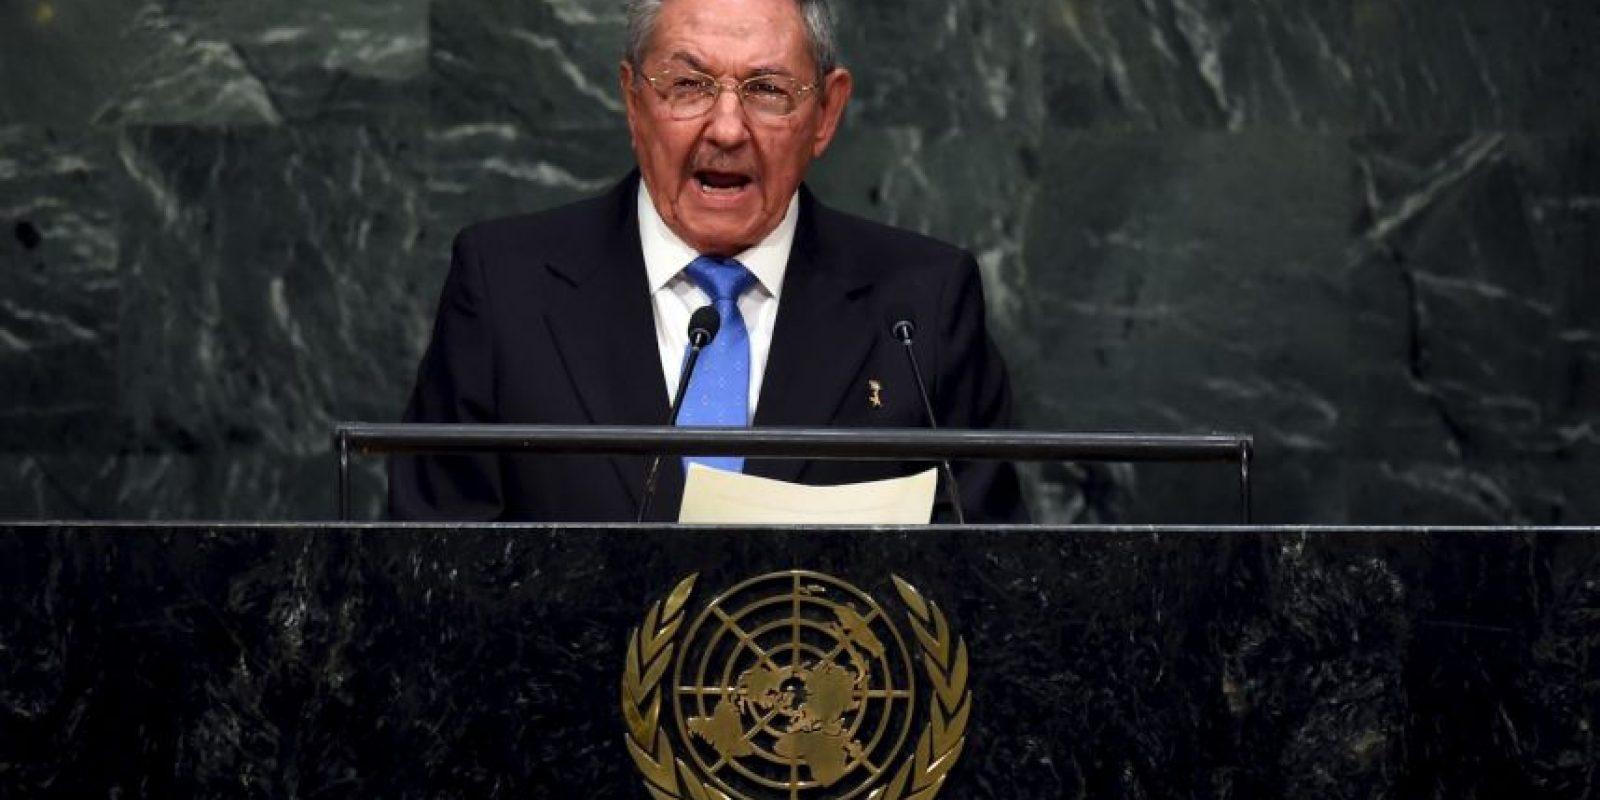 Su mandato inició el 24 de febrero de 2008. Foto:AFP